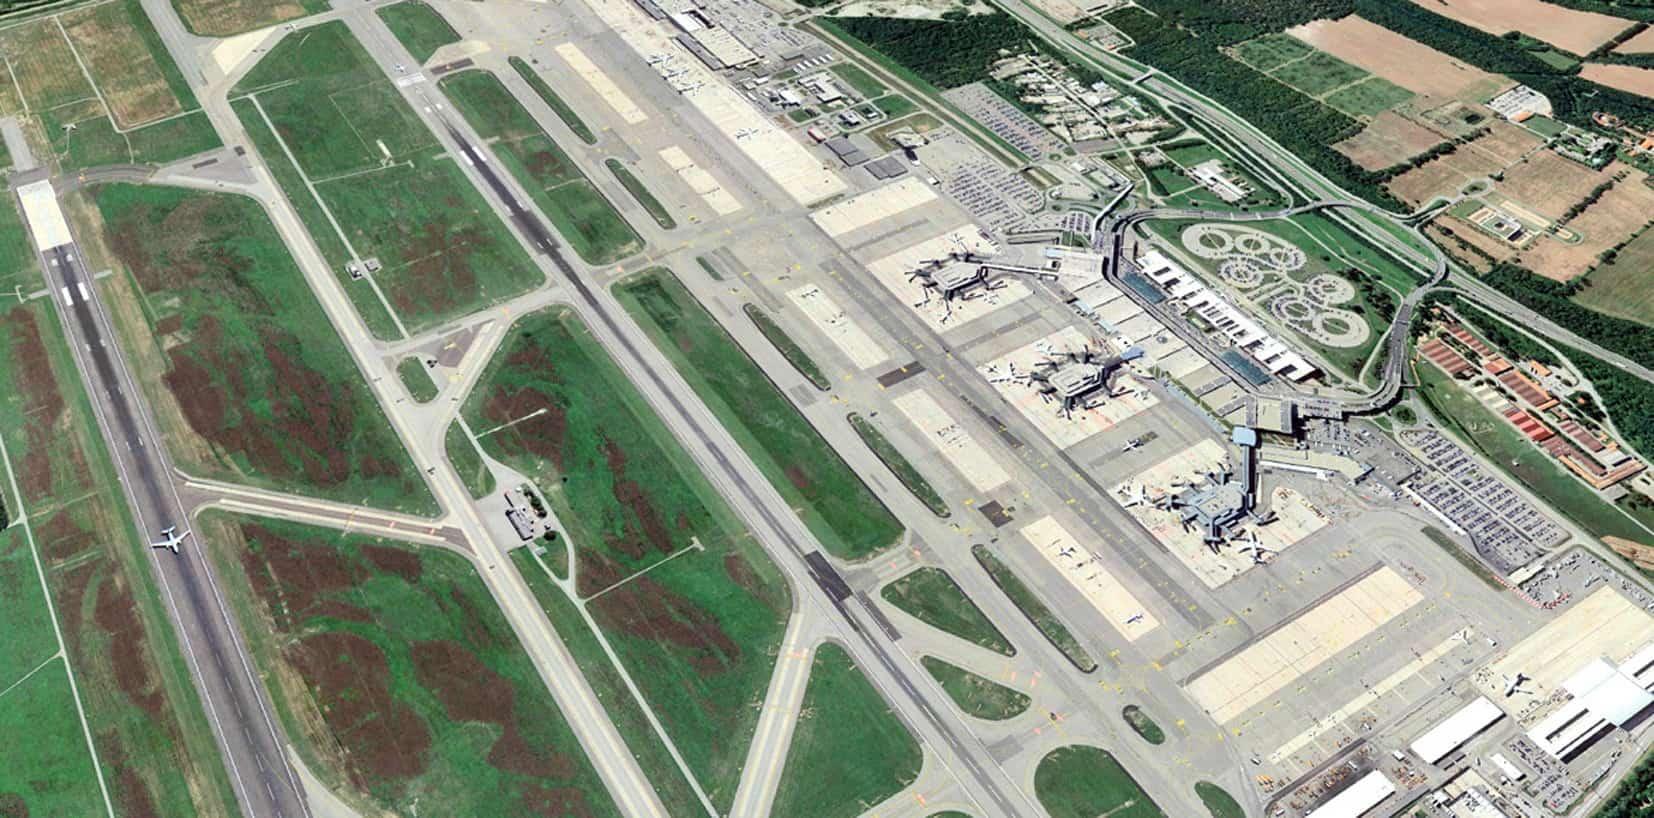 Vista dell'aeroporto di Malpensa